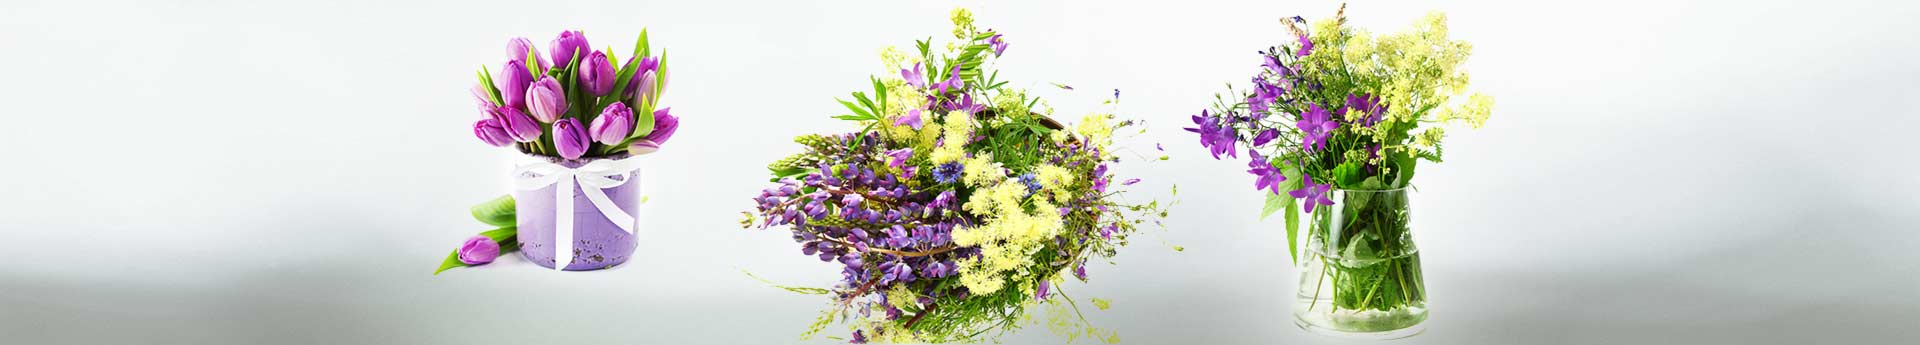 bg-12-flowers-herbs